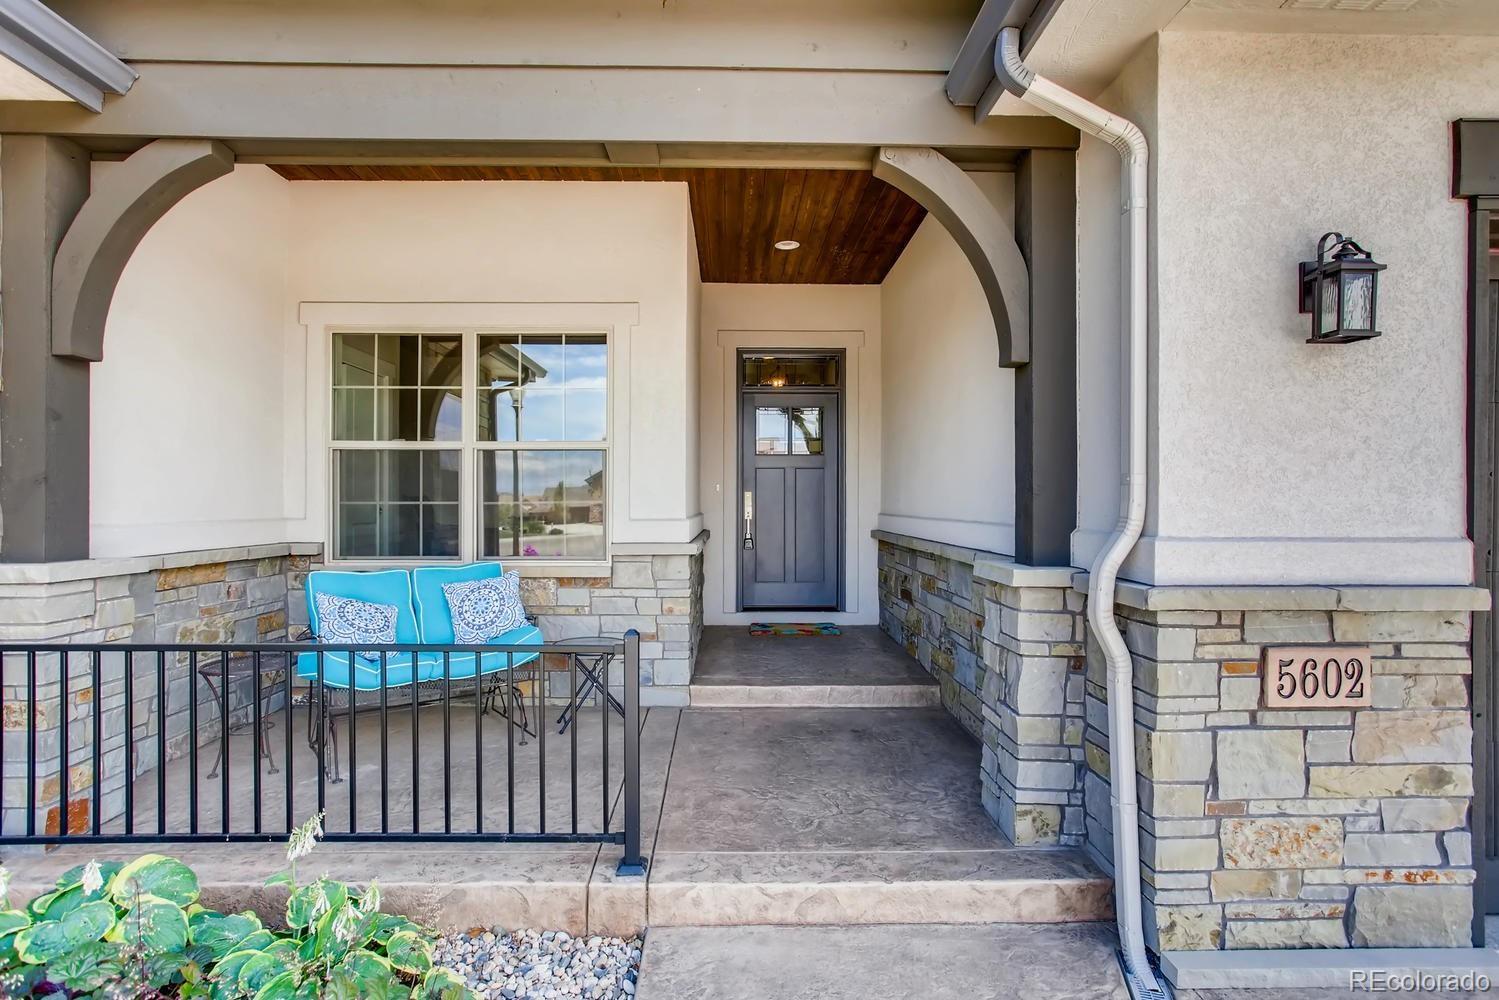 MLS# 6948382 - 4 - 5602 Red Thunder Court, Loveland, CO 80537